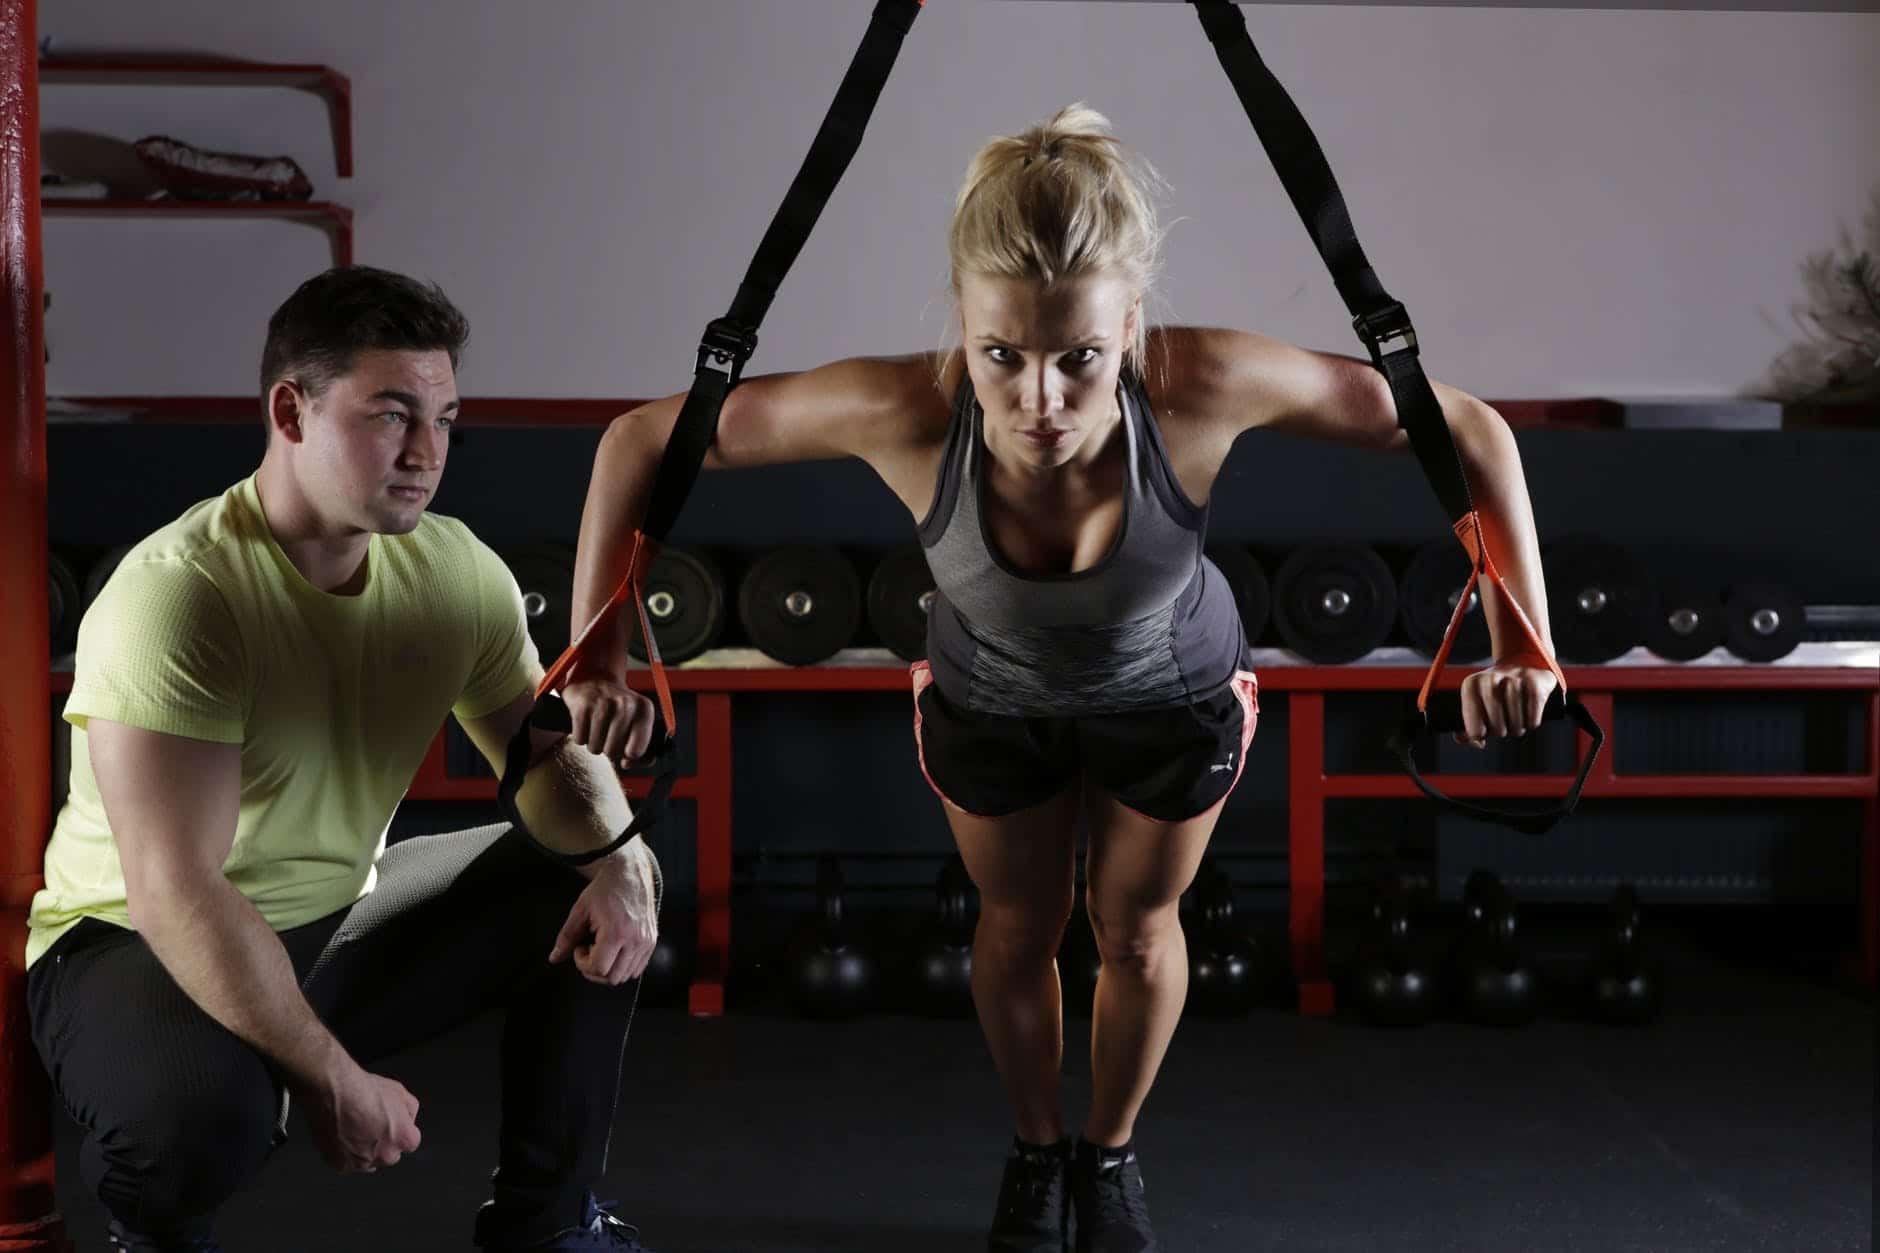 Busca asesoría para tu entrenamiento funcional